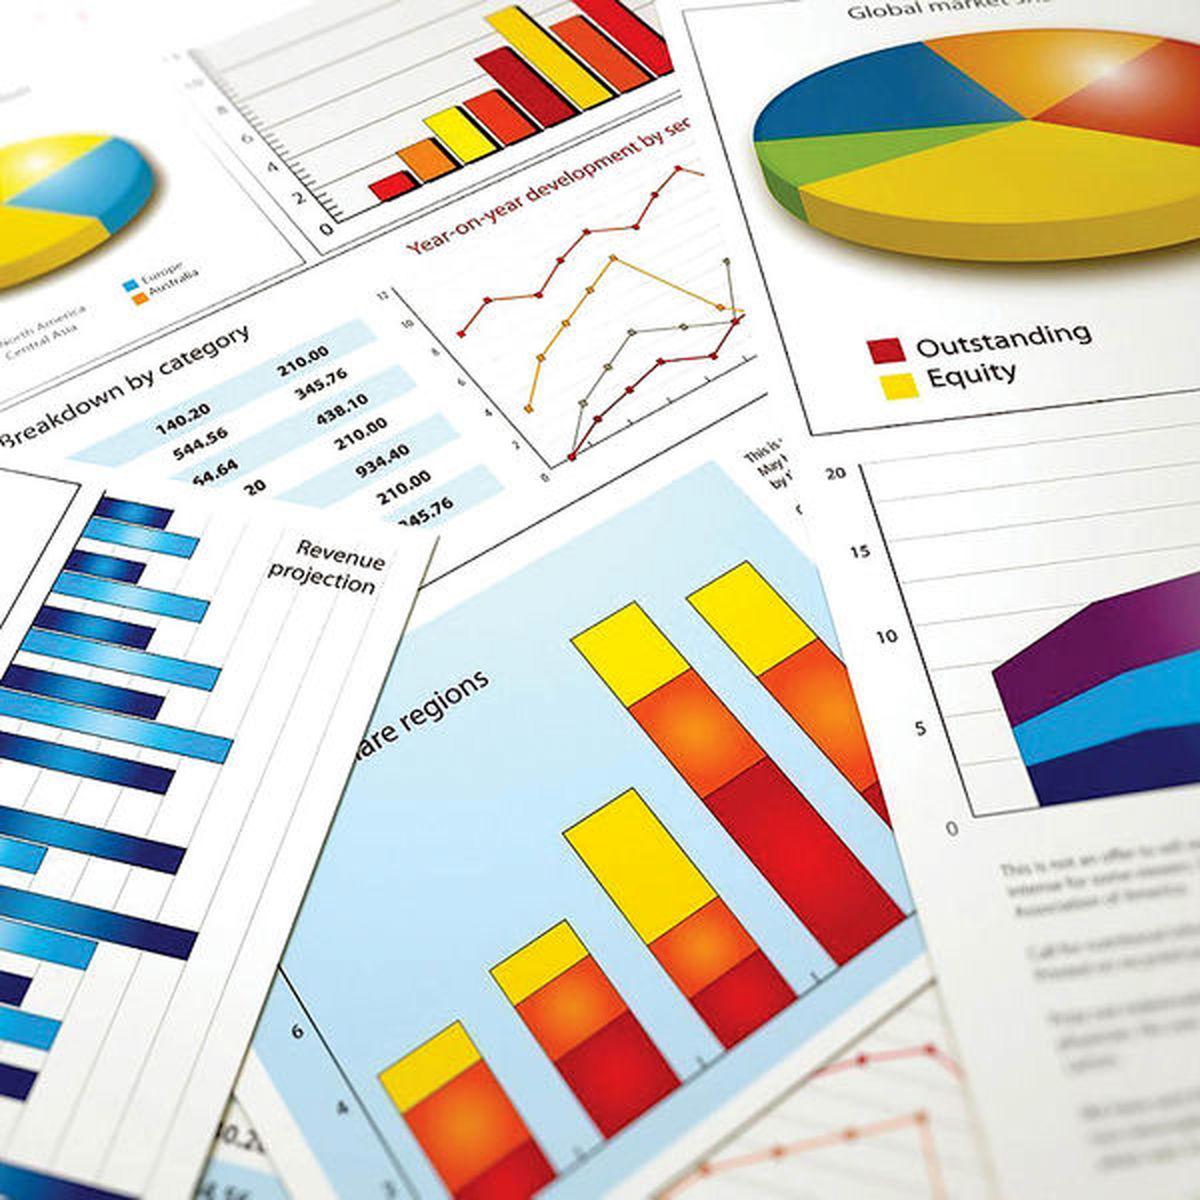 نرخ تورم ۴۲.۲درصد شد/ کاهش نرخ تورم ماهانه خانوارهای کشور